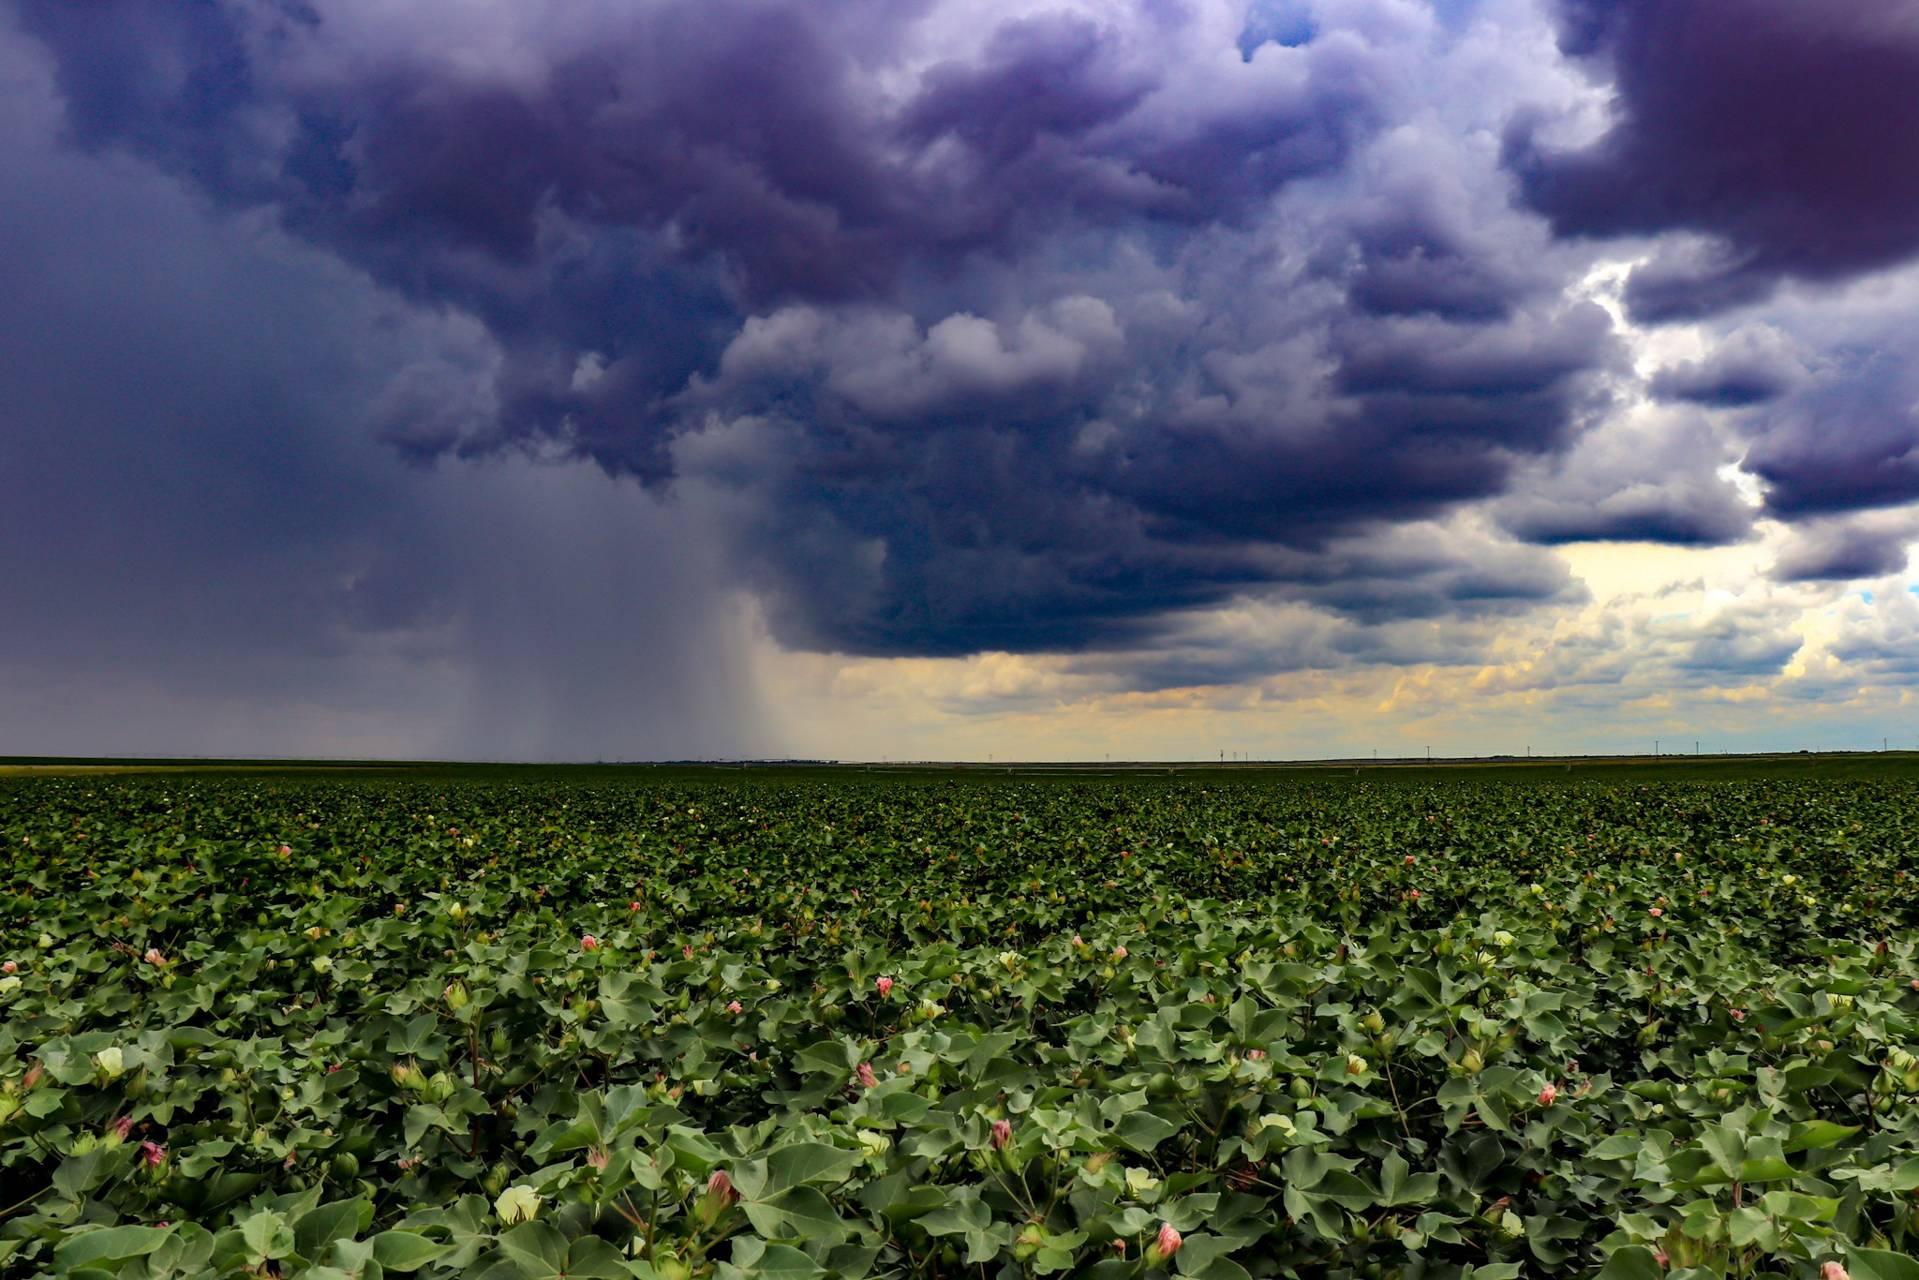 Rain in a field